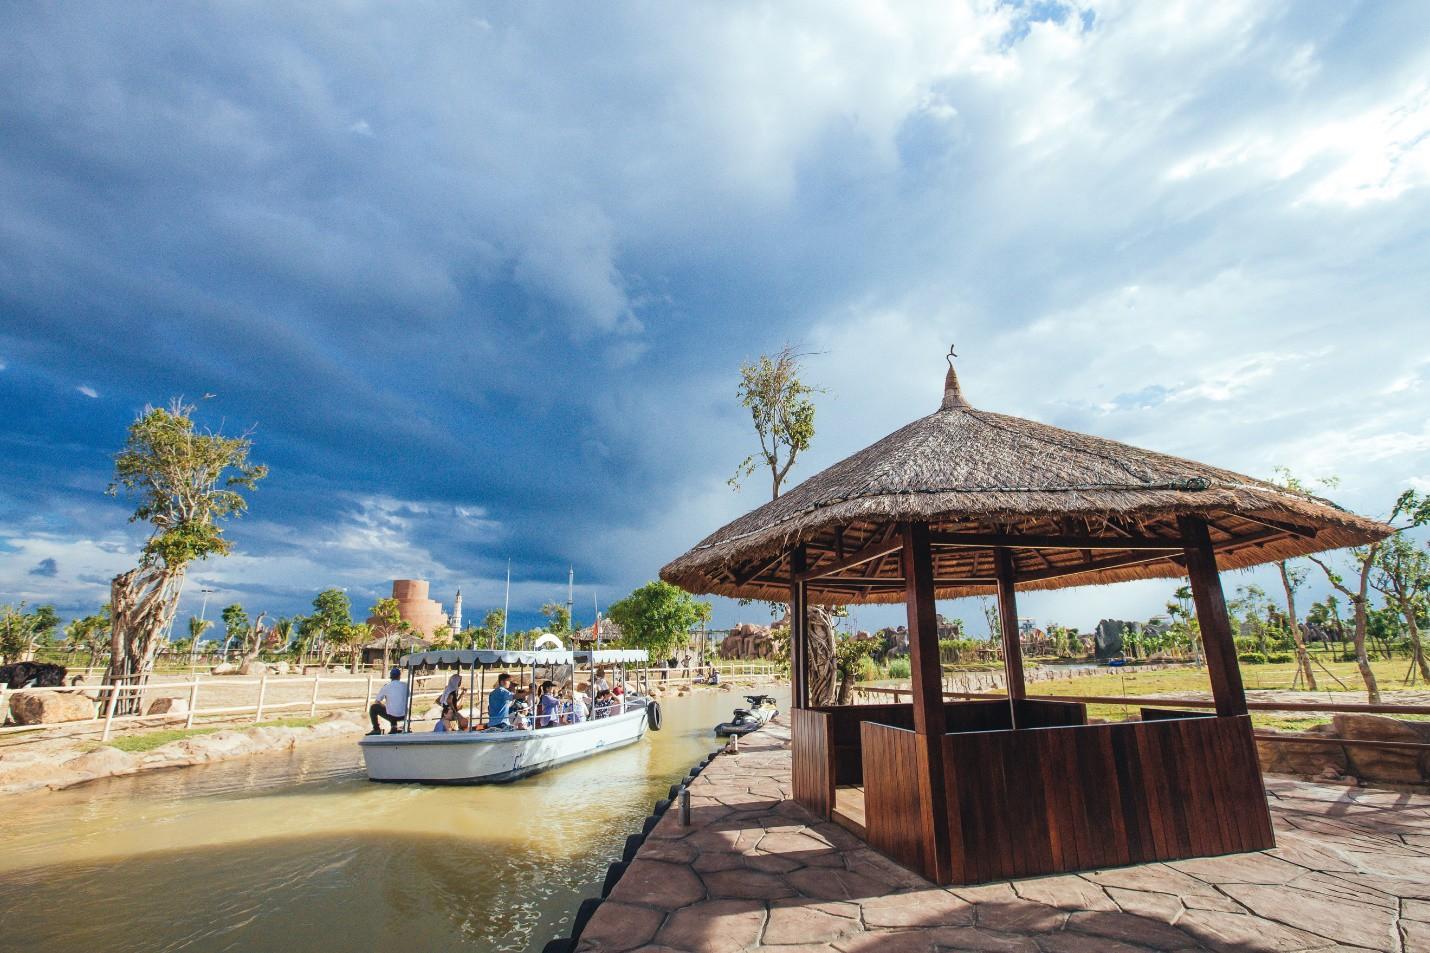 Một vòng khám phá River Safari - Công viên bảo tồn động vật hoang dã trên sông tại Hội An - Ảnh 3.